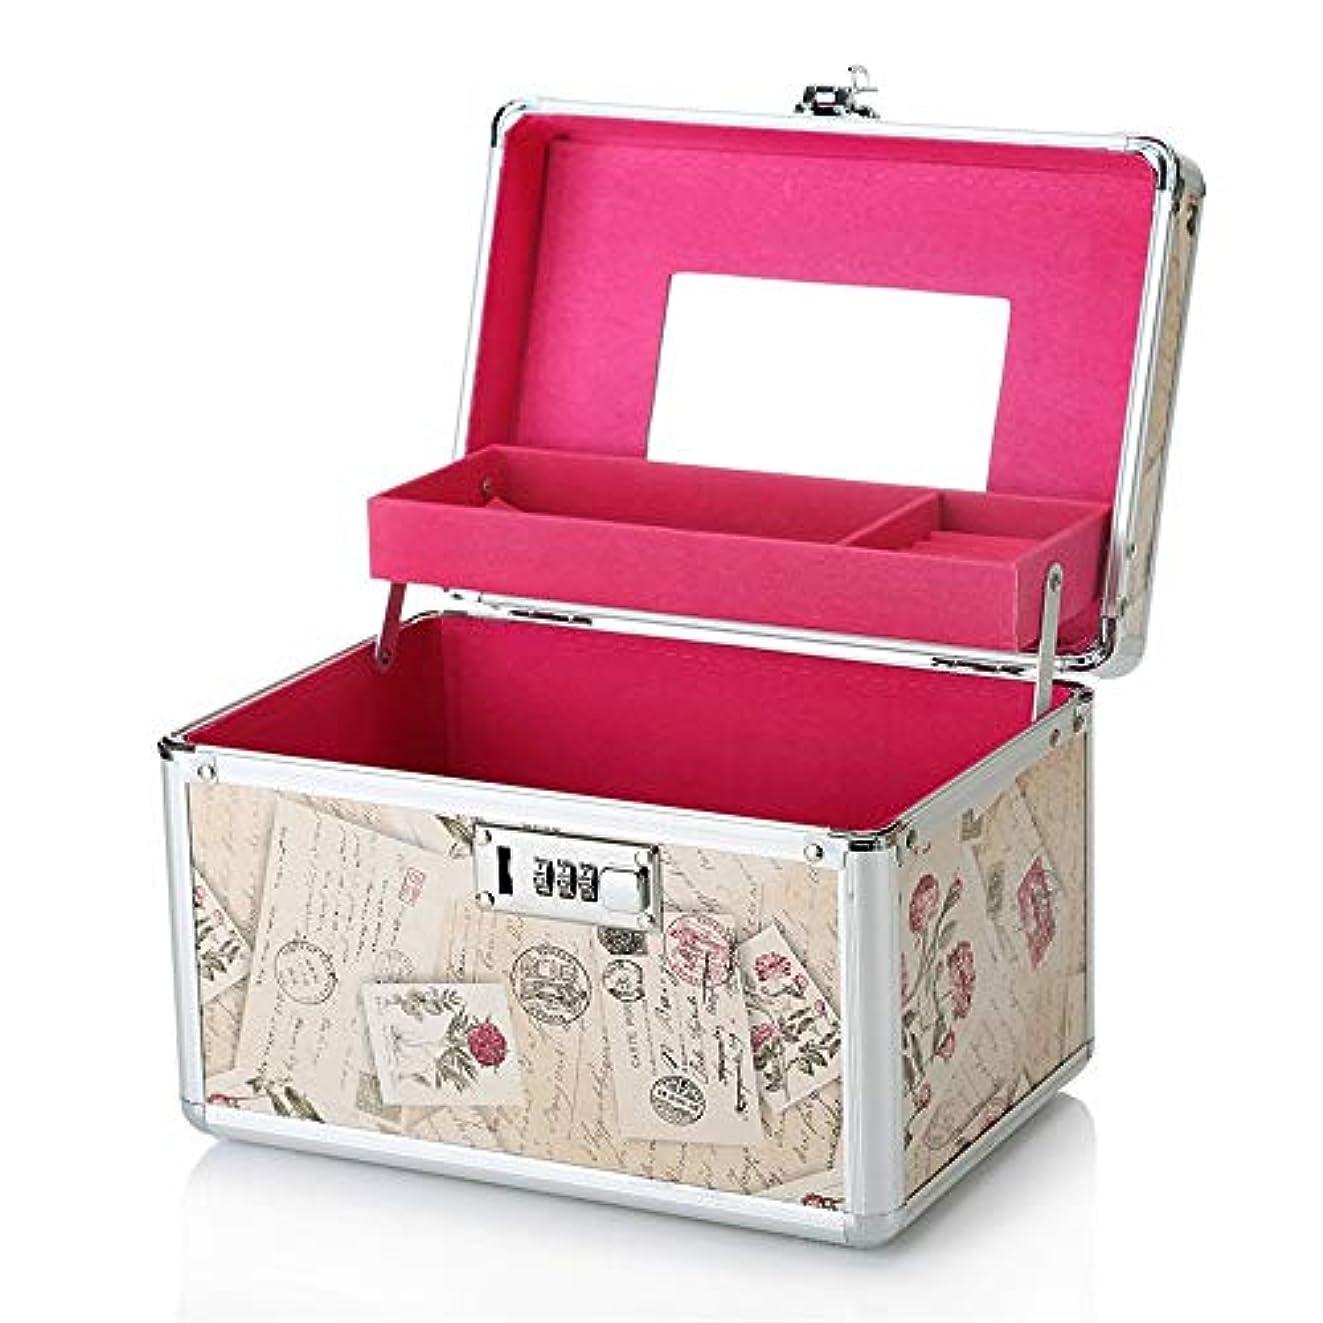 時代遅れ解釈する同等の特大スペース収納ビューティーボックス 美の構造のためそしてジッパーおよび折る皿が付いている女の子の女性旅行そして毎日の貯蔵のための高容量の携帯用化粧品袋 化粧品化粧台